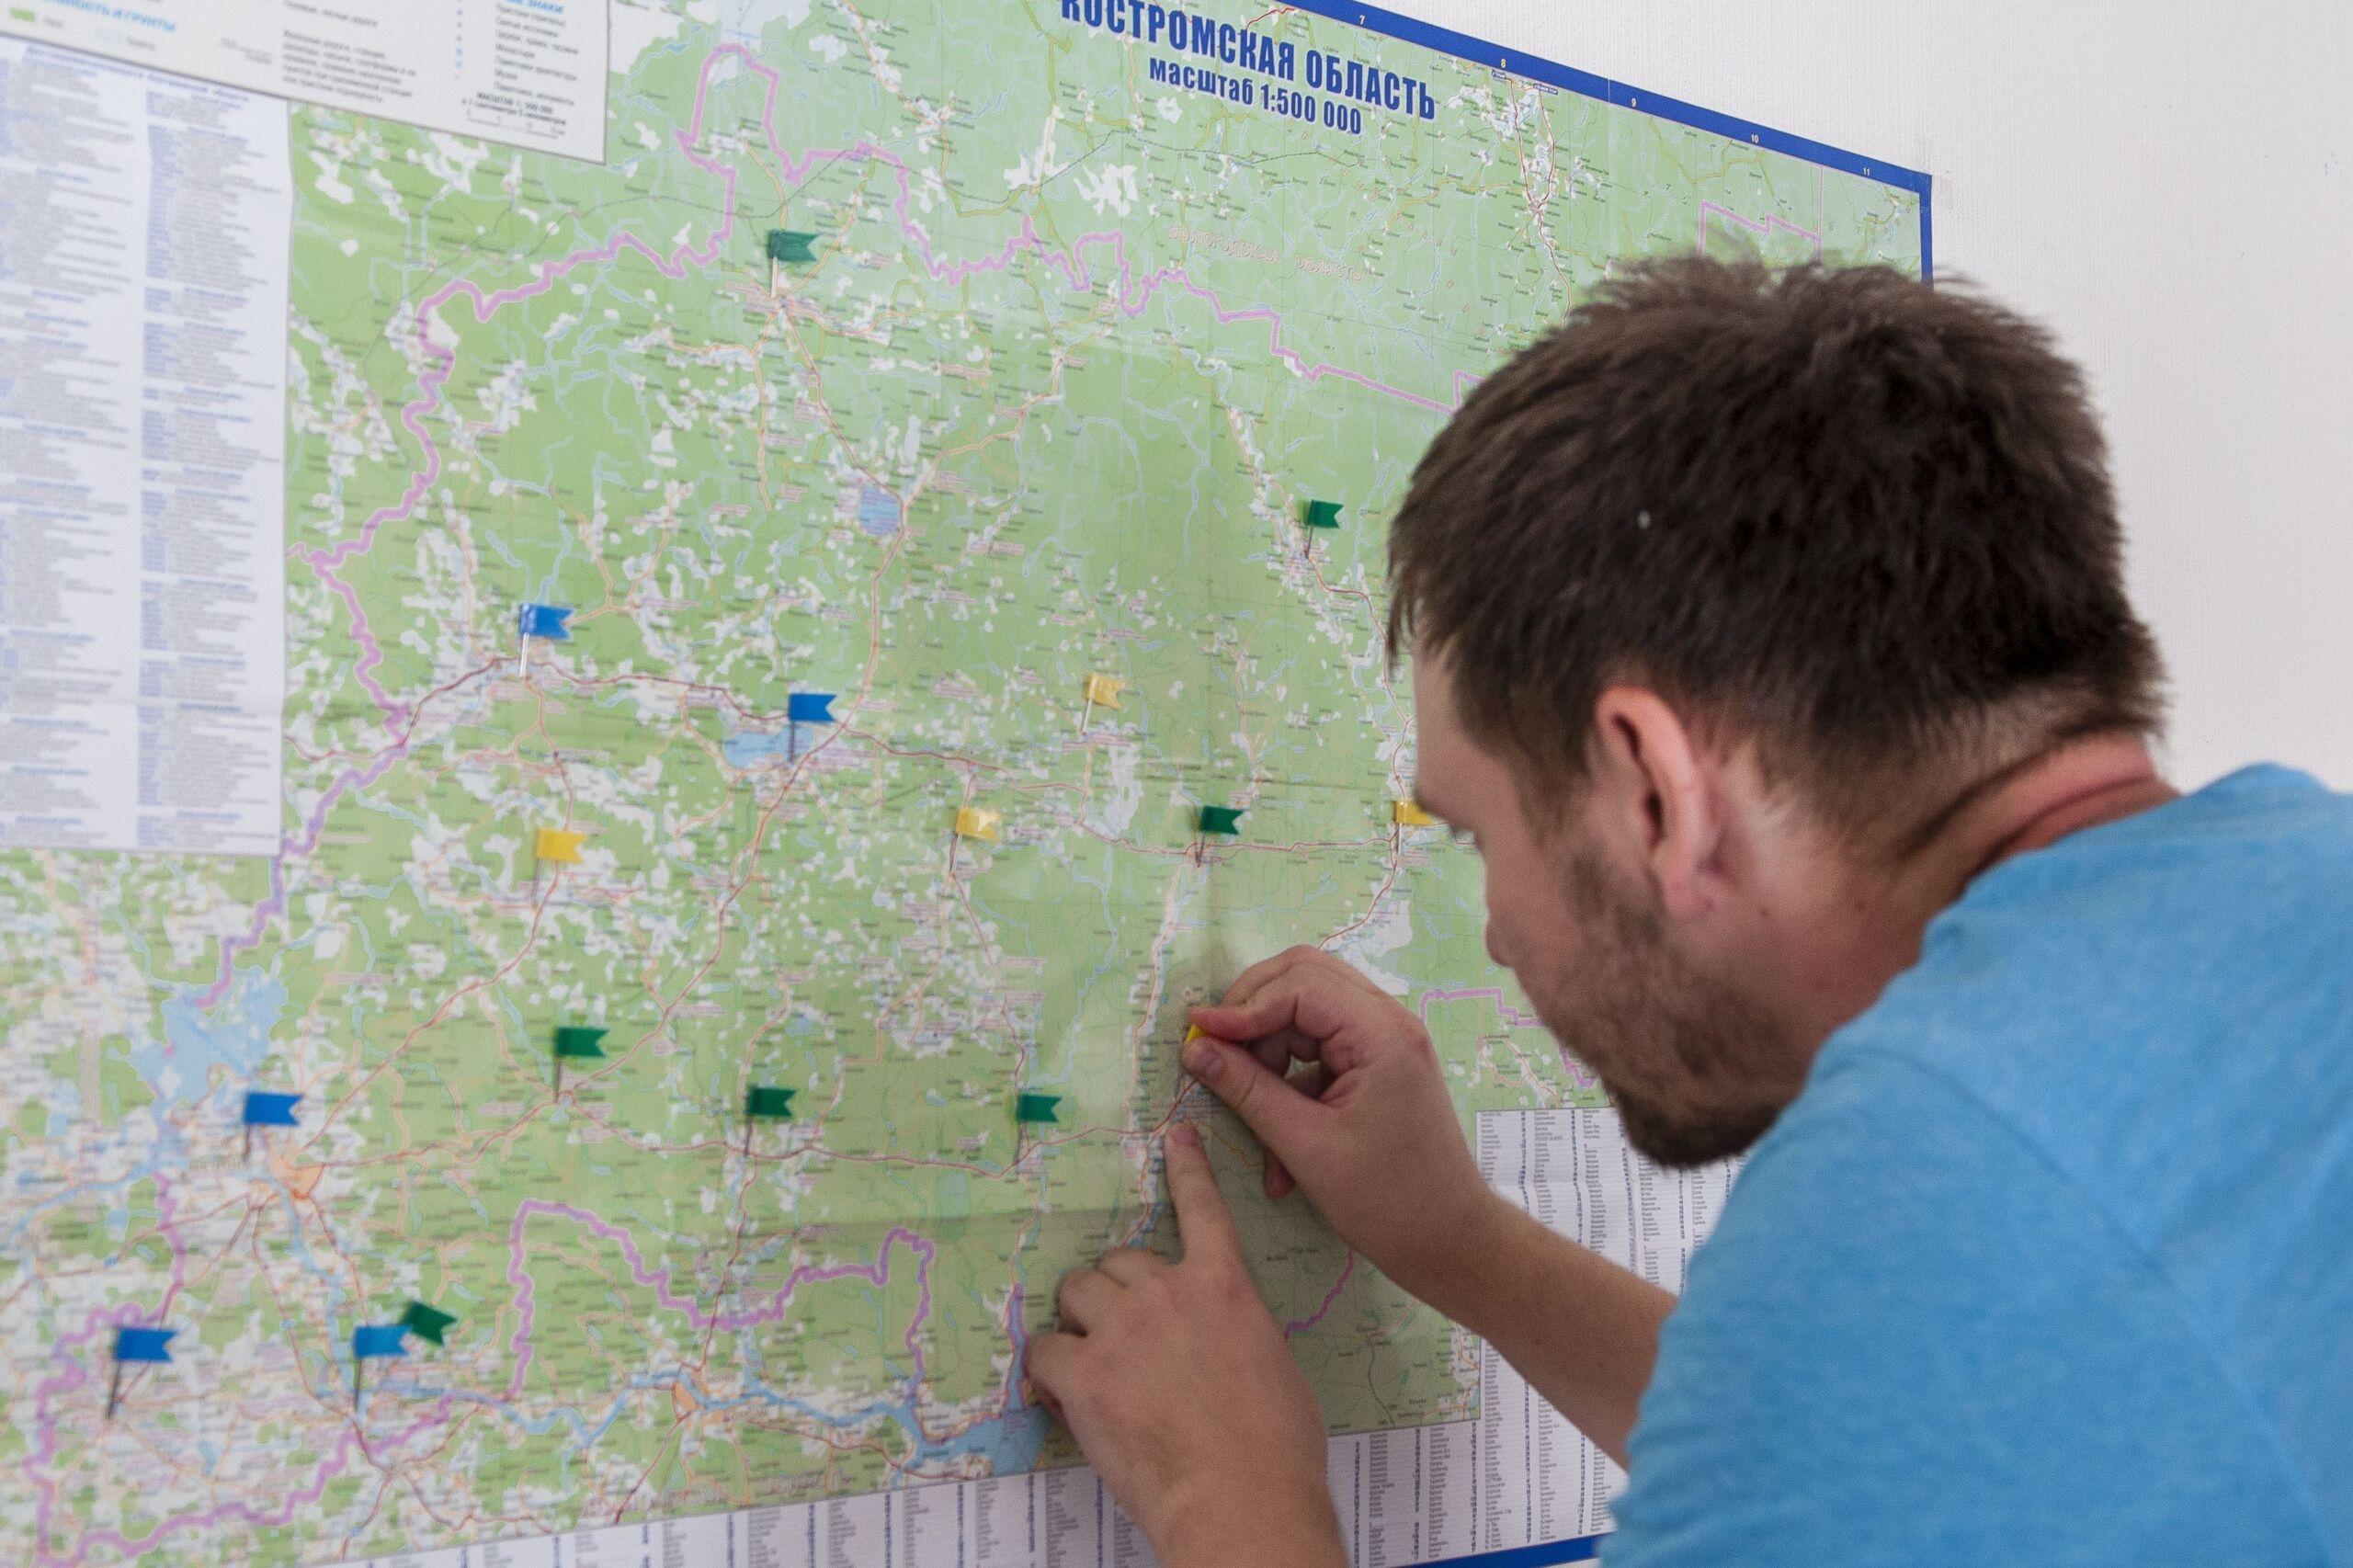 Независимый кандидат в депутаты Михаил Долматов решил побить все рекорды